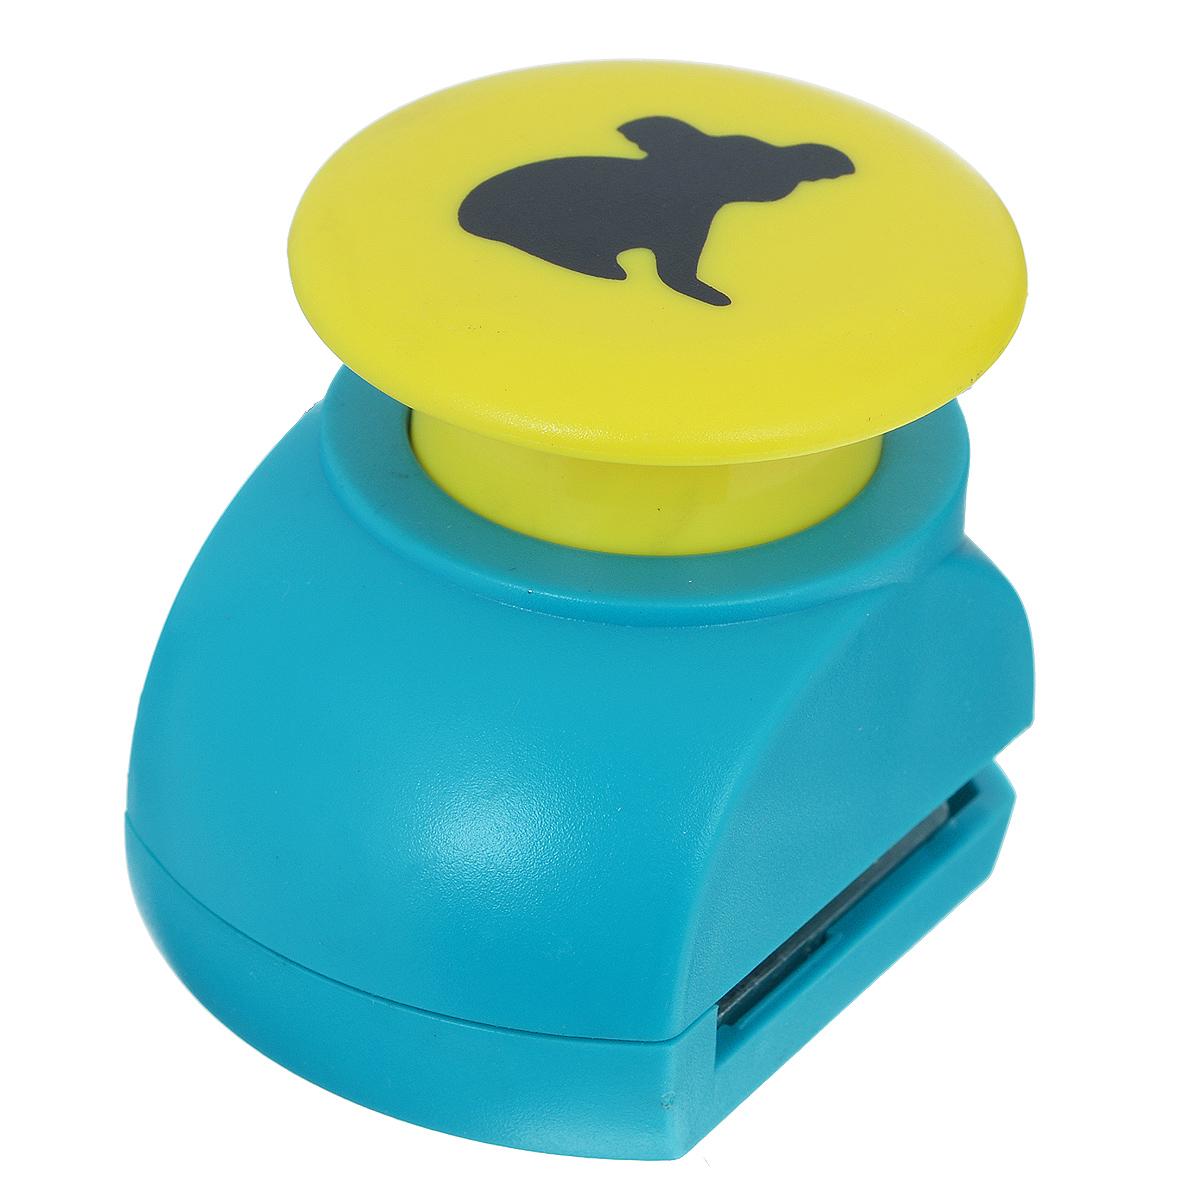 Дырокол фигурный Астра Коала. JF-823FS-36052Дырокол Астра Коала поможет вам легко, просто и аккуратно вырезать много одинаковых мелких фигурок.Режущие части компостера закрыты пластмассовым корпусом, что обеспечивает безопасность для детей. Можно использовать вырезанные мотивы как конфетти или для наклеивания. Дырокол подходит для разных техник: декупажа, скрапбукинга, декорирования.Размер дырокола: 5 см х 4 см х 5 см. Размер готовой фигурки: 1,7 см х 2 см.